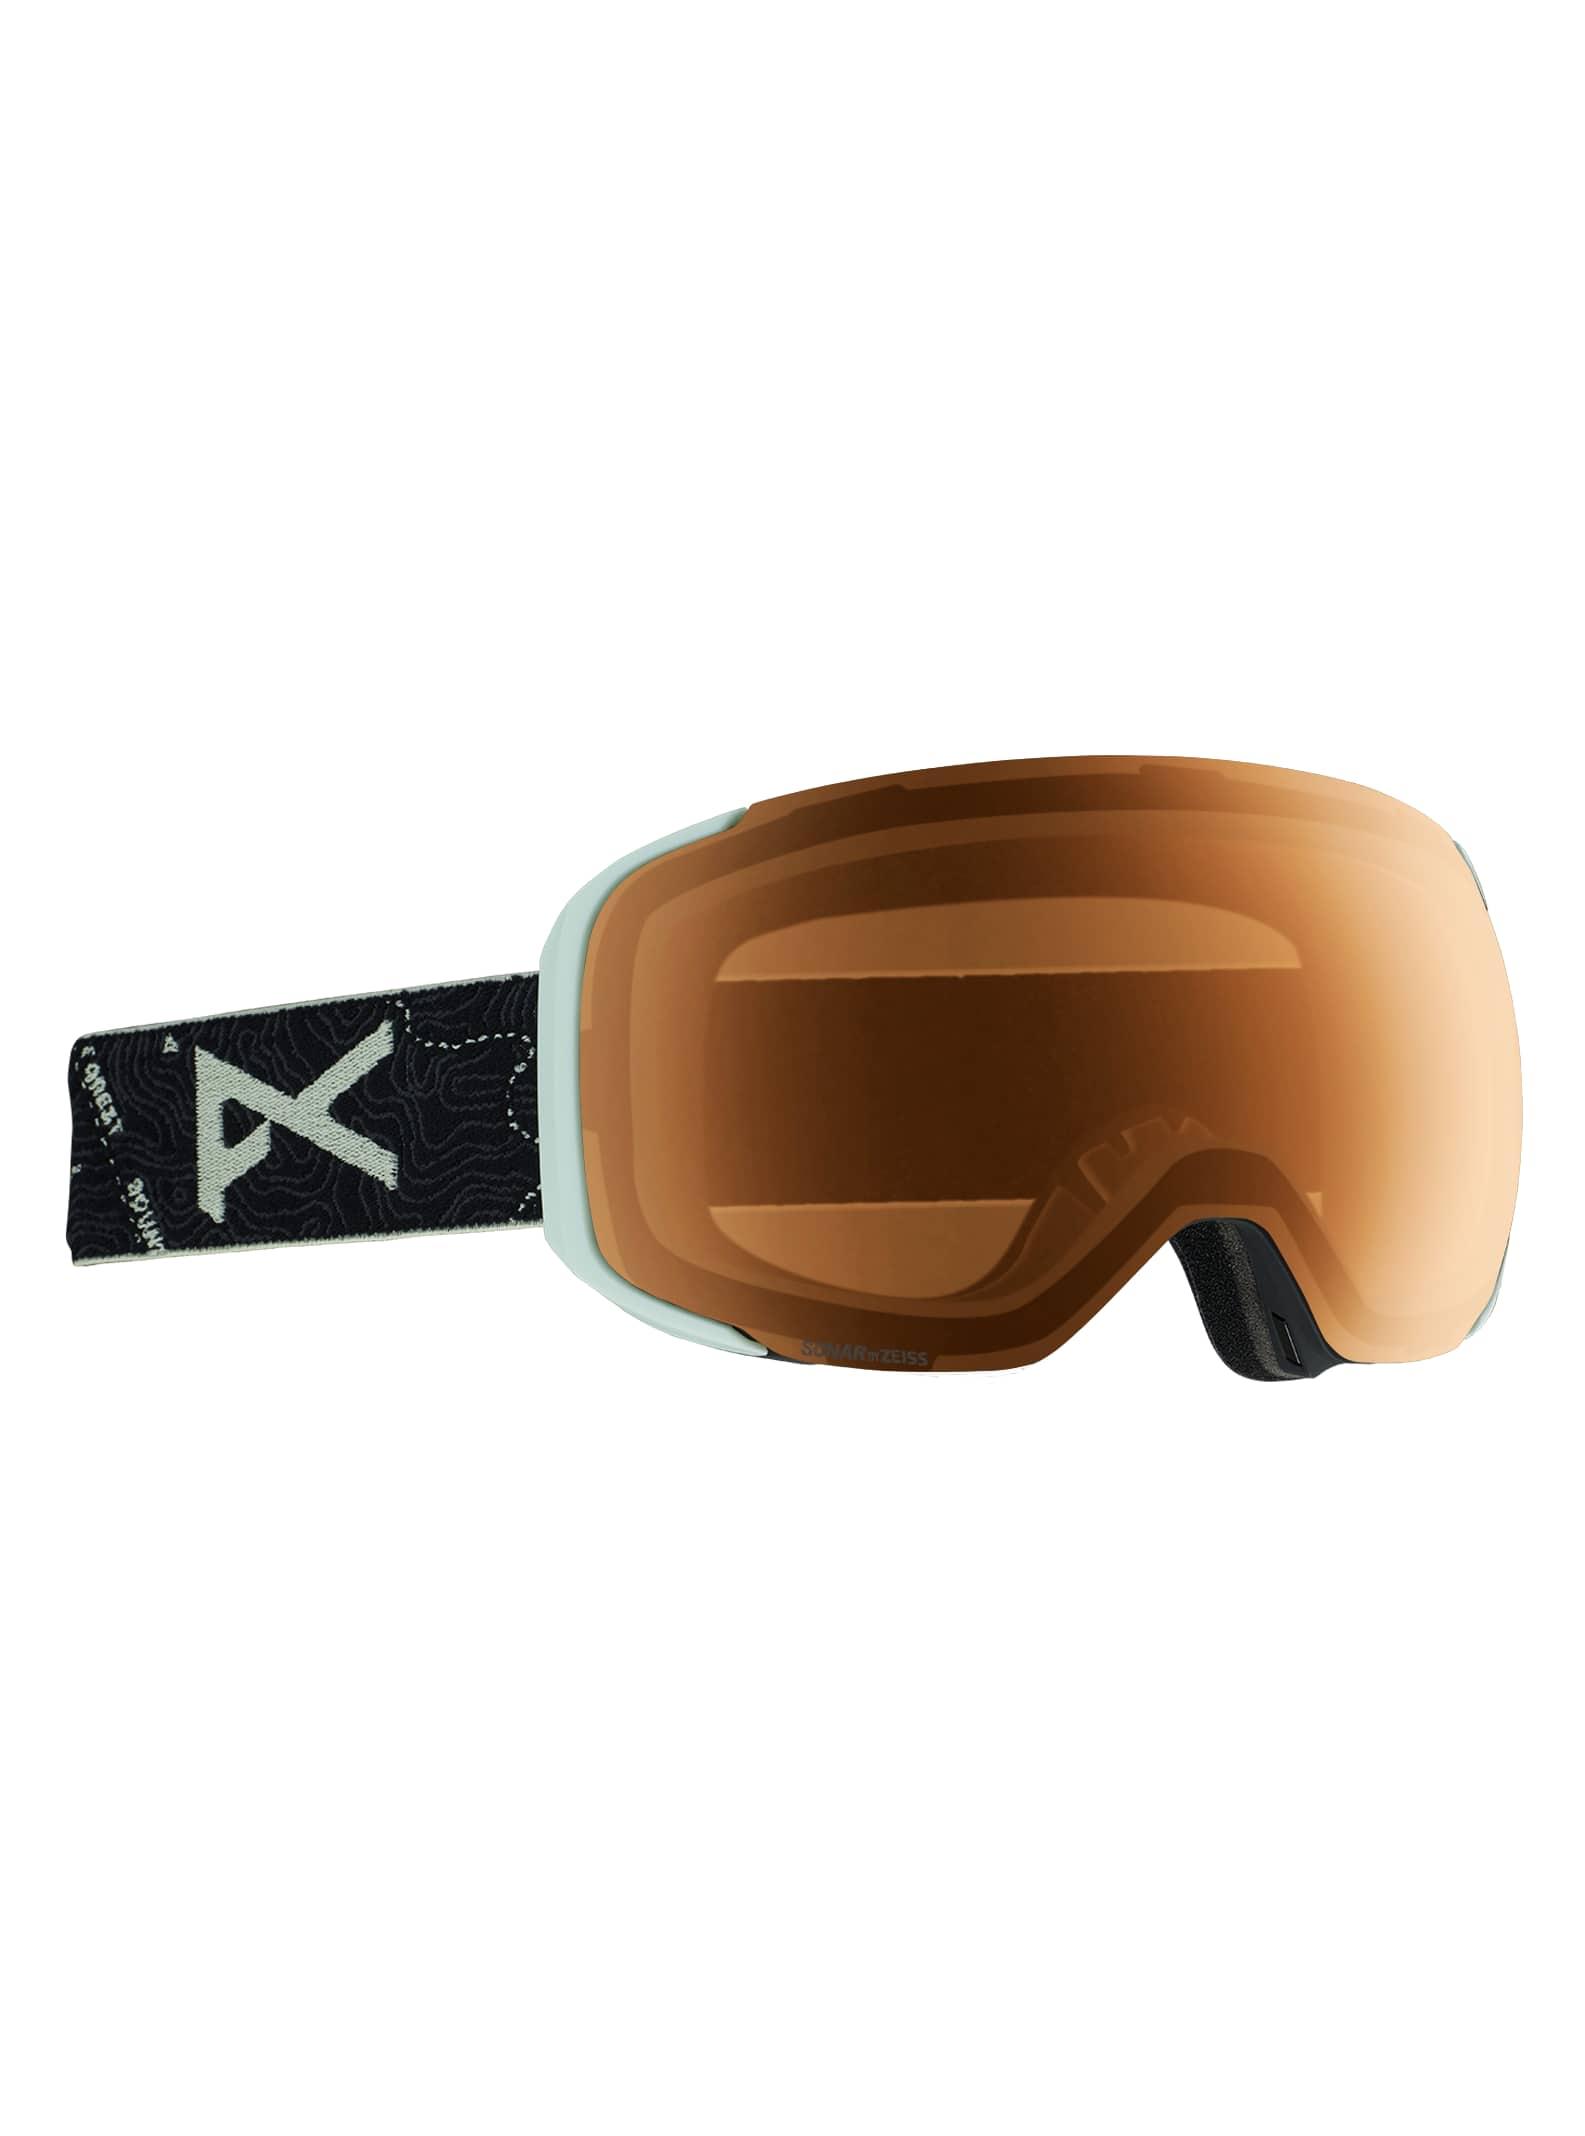 Anon Men's M2 Goggle + Spare Lens, Frame: Topo Black, Lens: SONAR Night, Spare Lens: SONAR Green